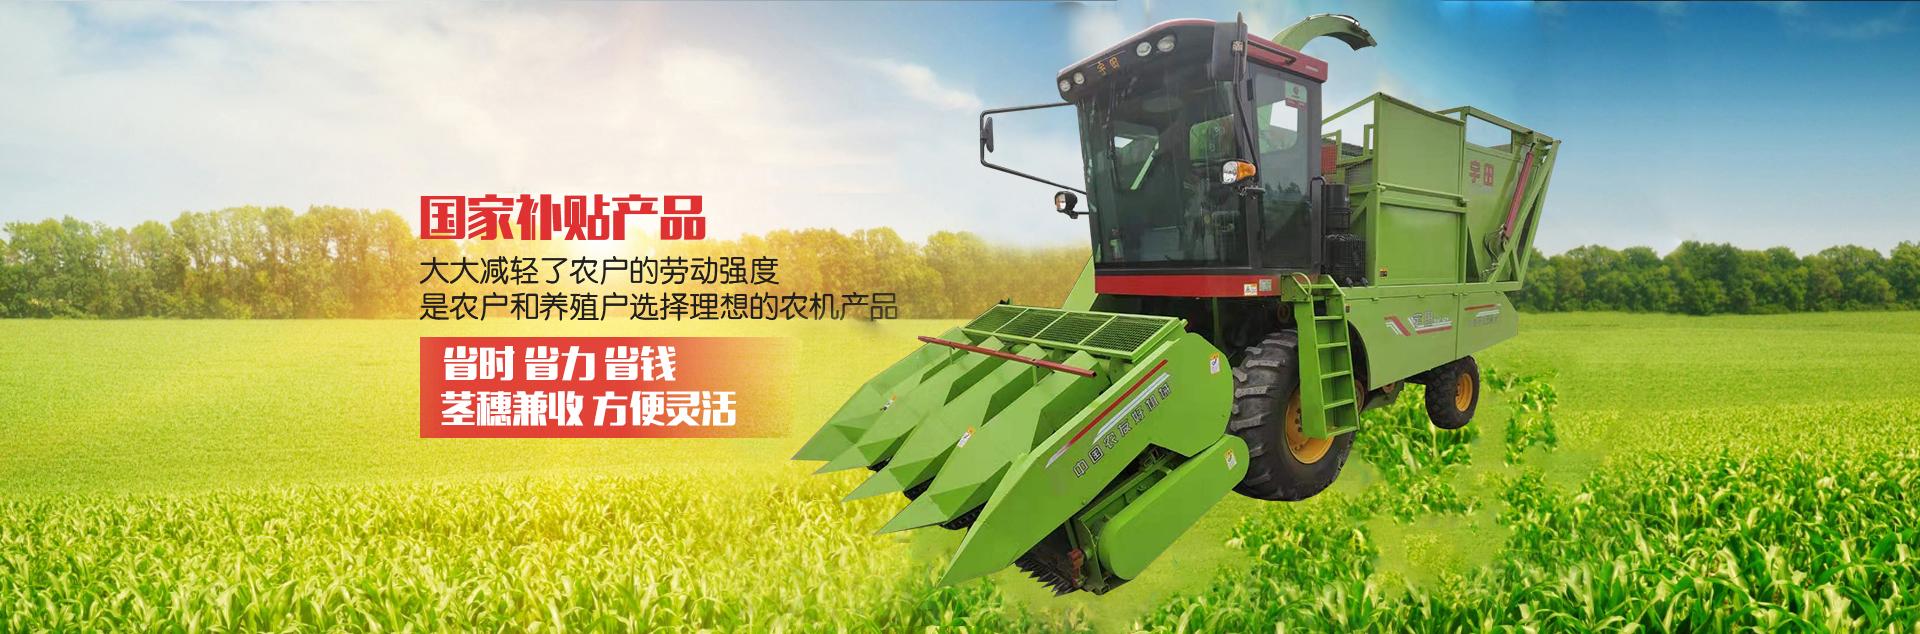 河南宇田农业机械有限公司|玉米秸秆betway787|玉米betway787|新乡betway787厂家|小型玉米秸秆betway787|宇田betway787